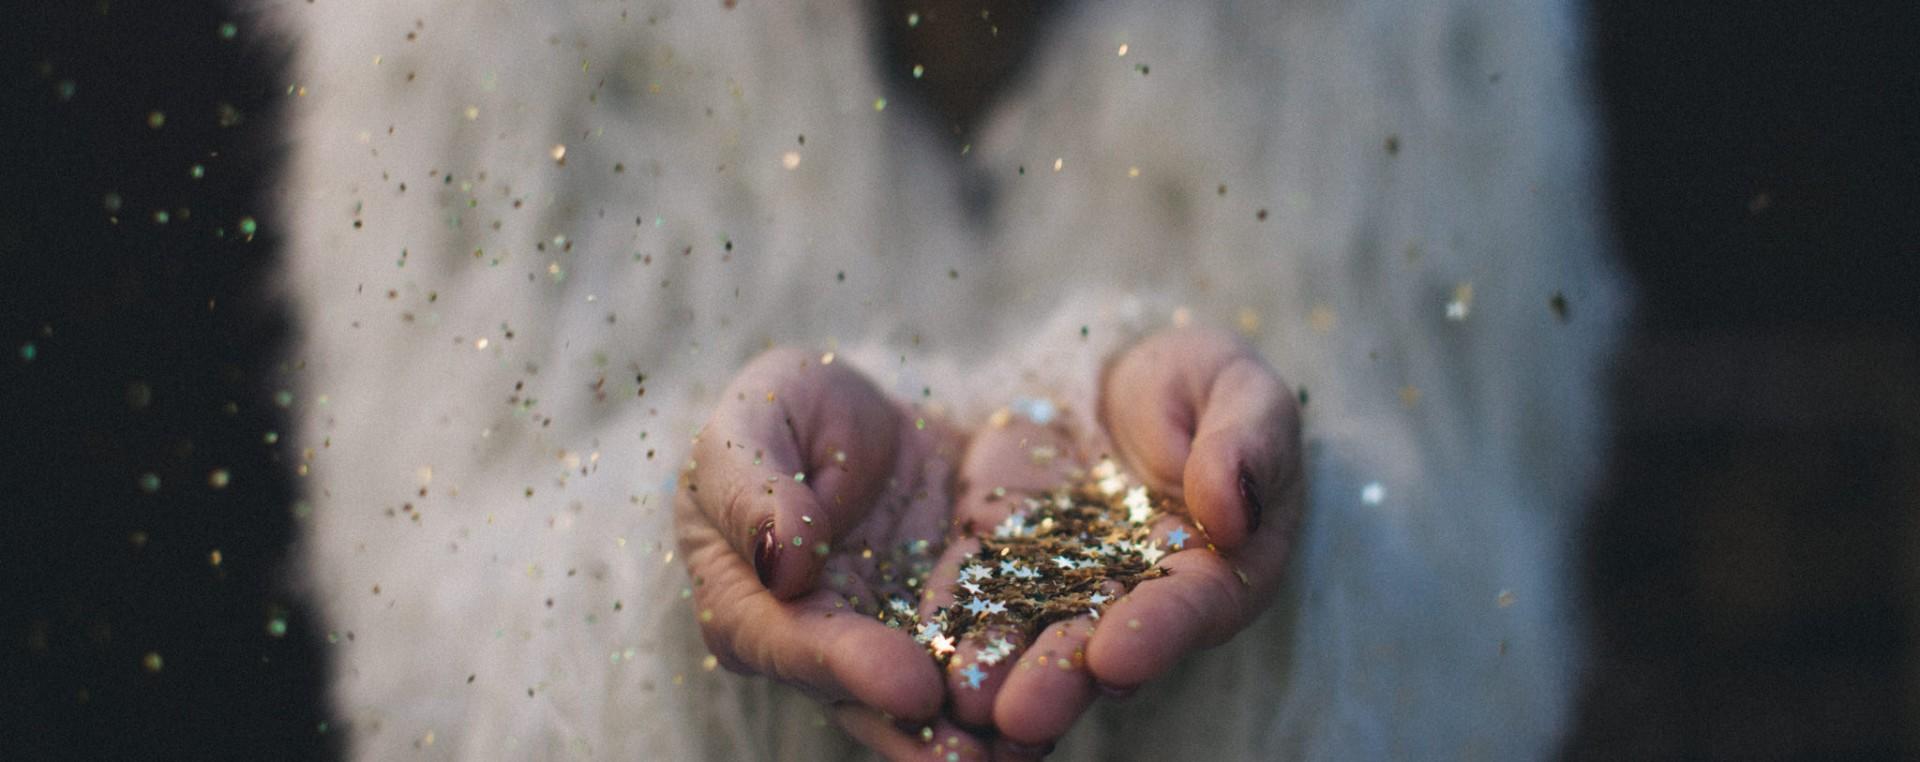 pluie-paillettes-glitter-decoration-d-amour-et-de-deco-reego-photographie-1920x762